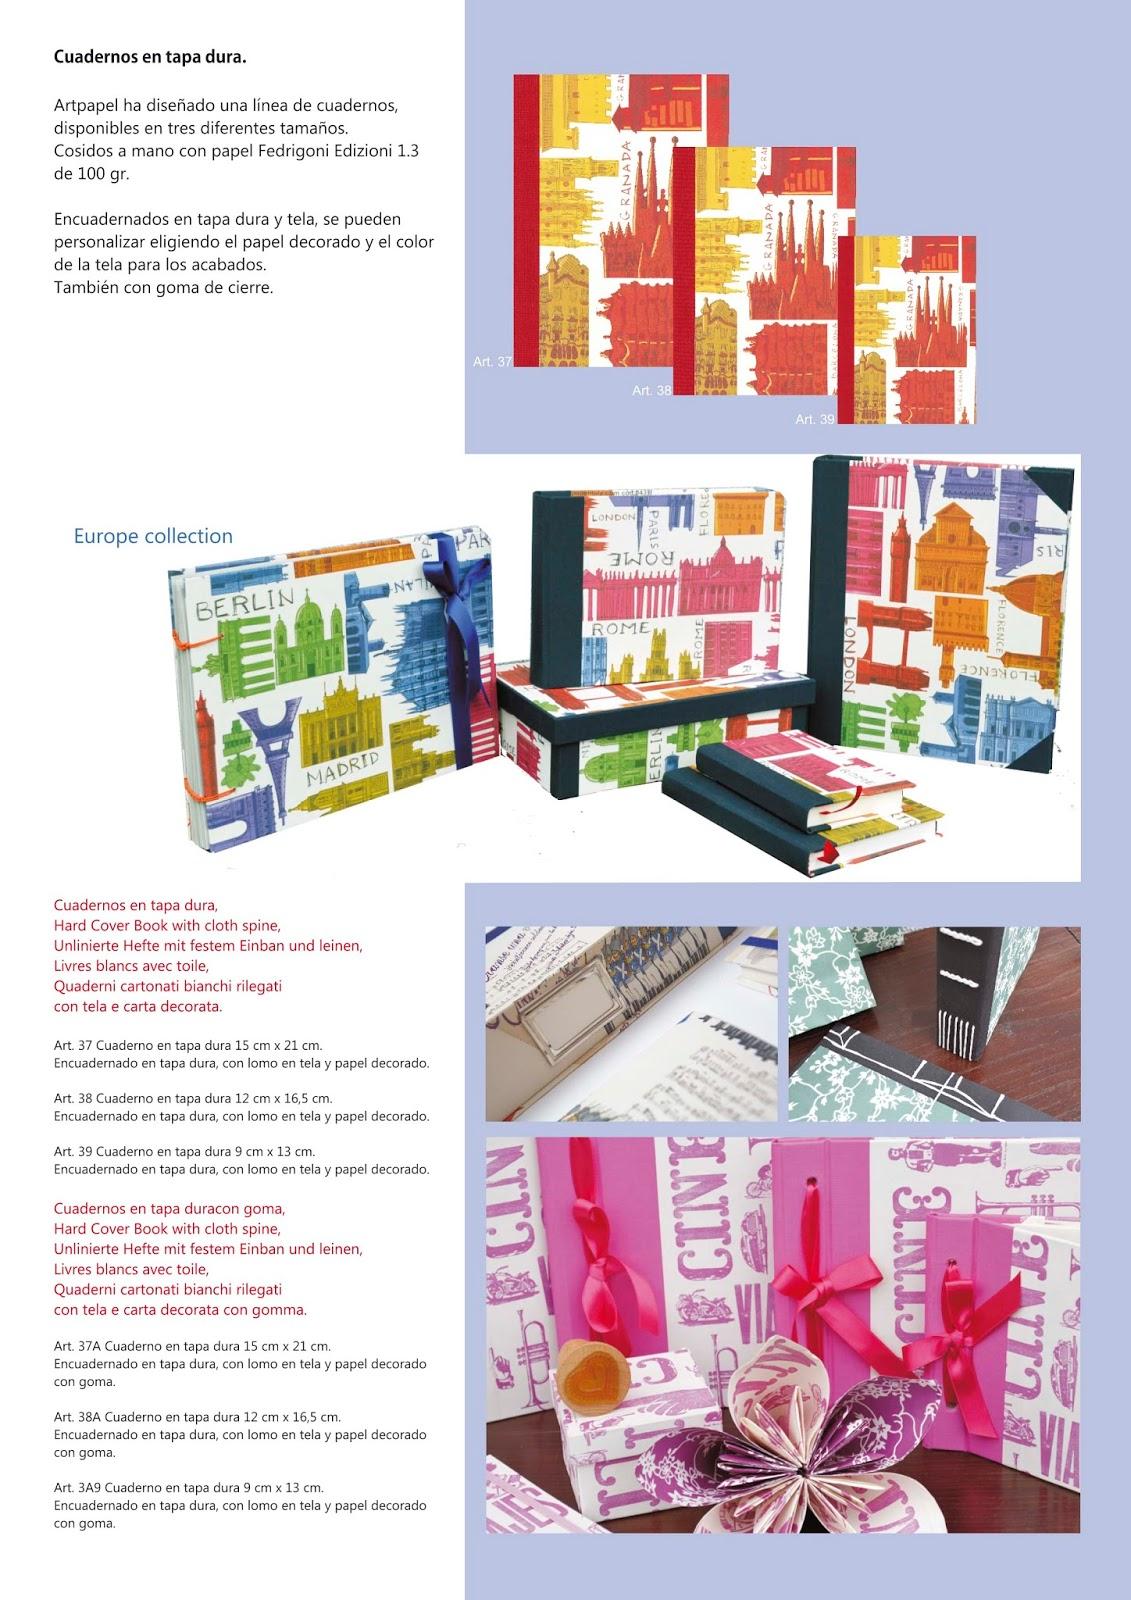 artpapel arte de crear con el papel nuevo cat logo On art from italy catalogo 2016